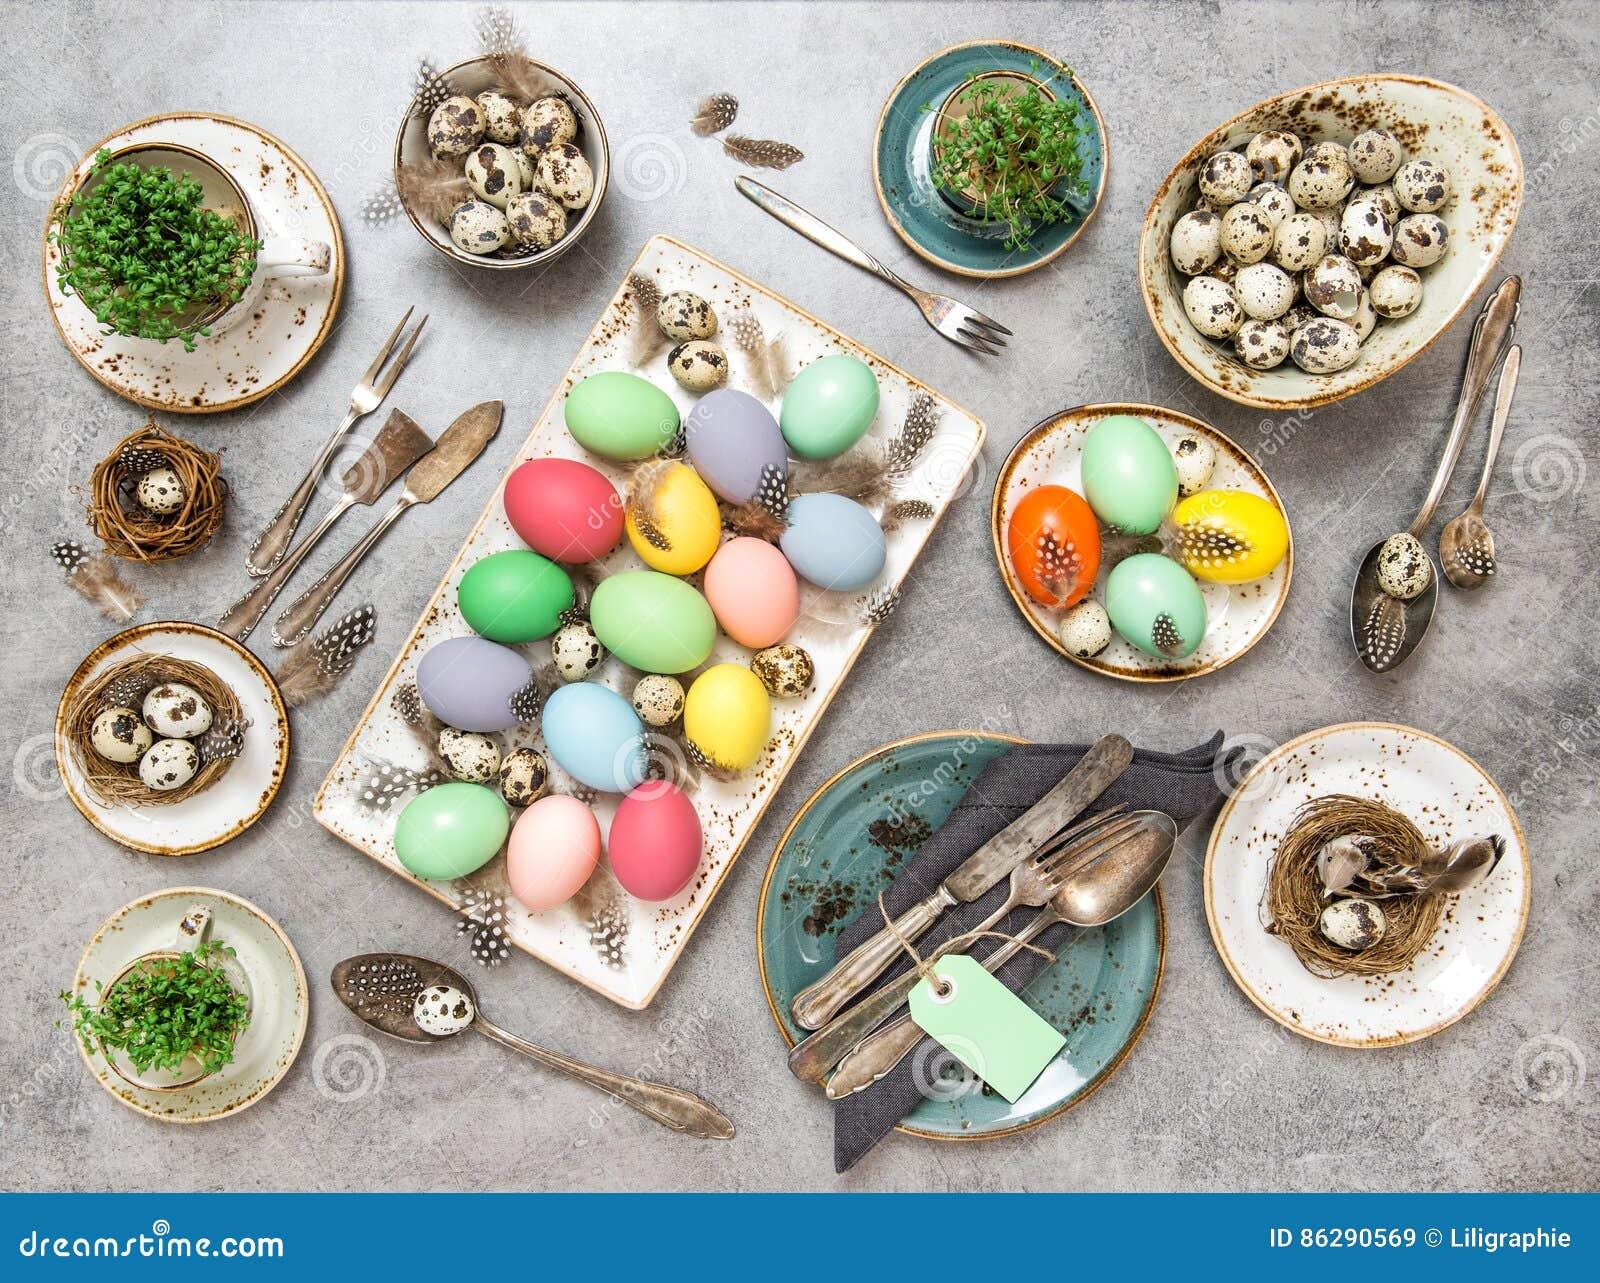 Decorazioni Pasquali Da Tavola : Disposizione del piano colorata decorazioni delle uova della